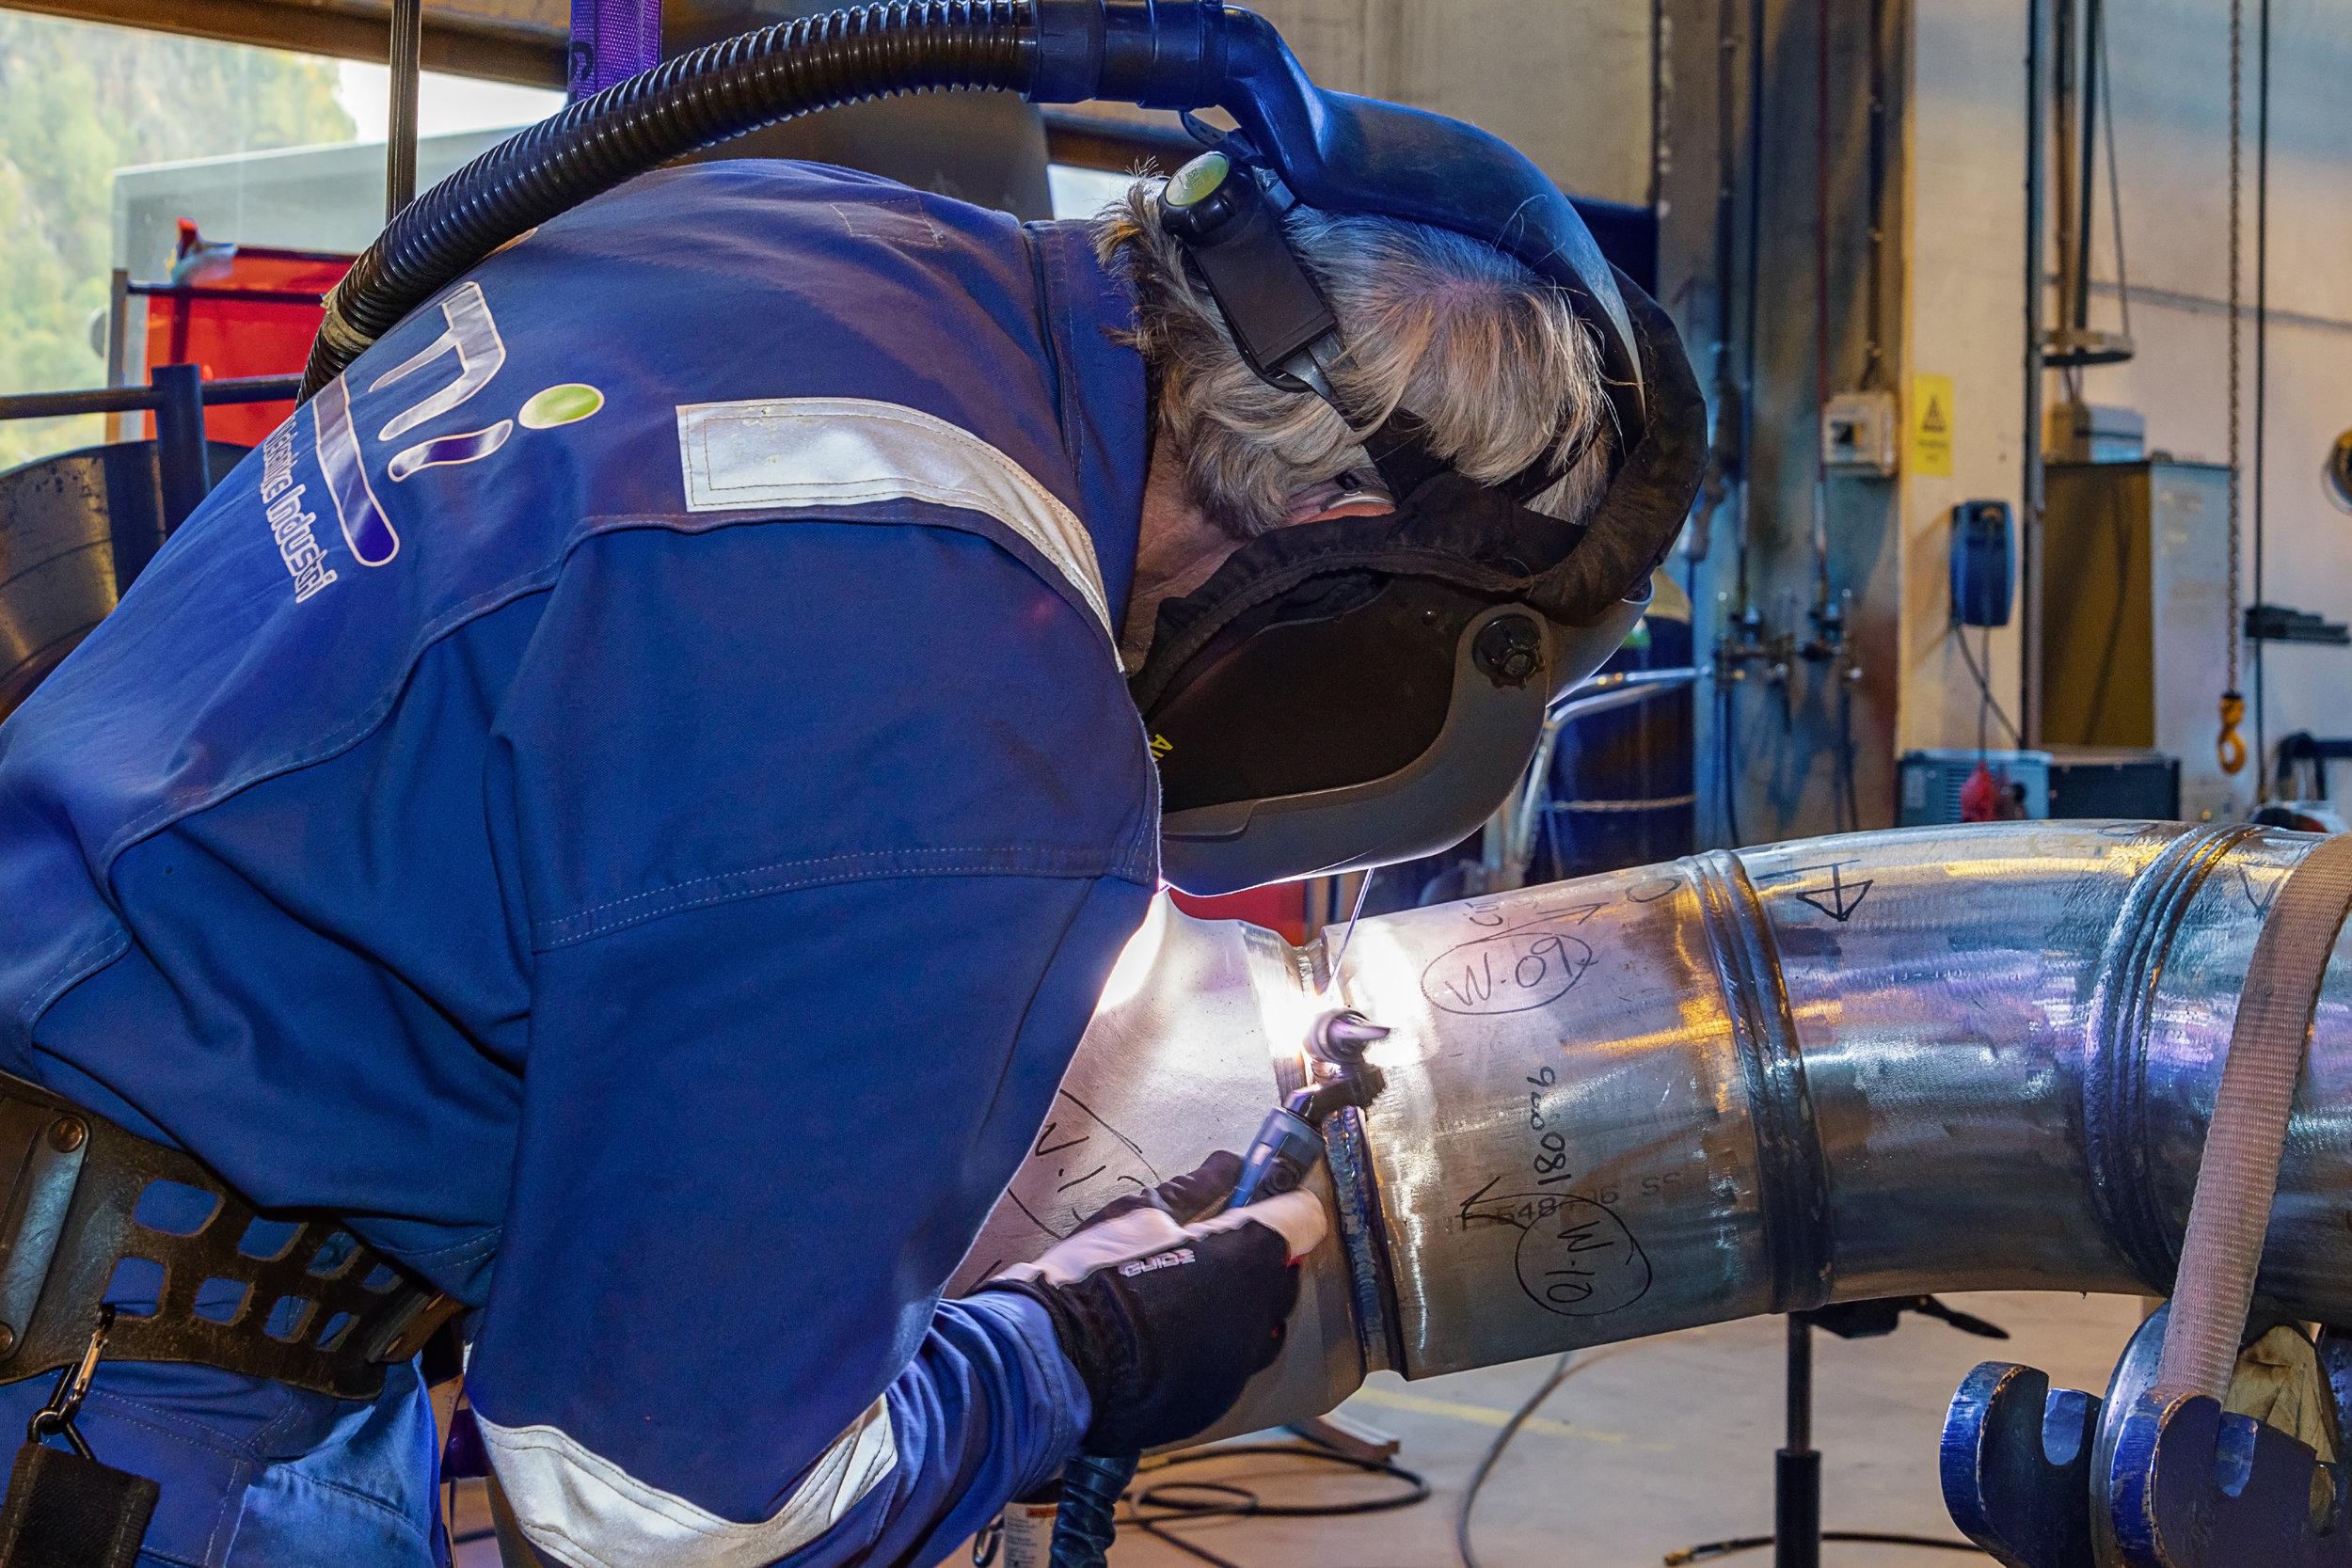 Prosjekt referansar - Luster Mekaniske Industri AS er stolte over å ha opparbeida seg ein lang og solid referanseliste. Våre prosjekt har hovudsakleg basert seg på prefabrikasjon av røyr og røyrkonstruksjonar for oljeindustrien, både landbasert, offshore og subsea.